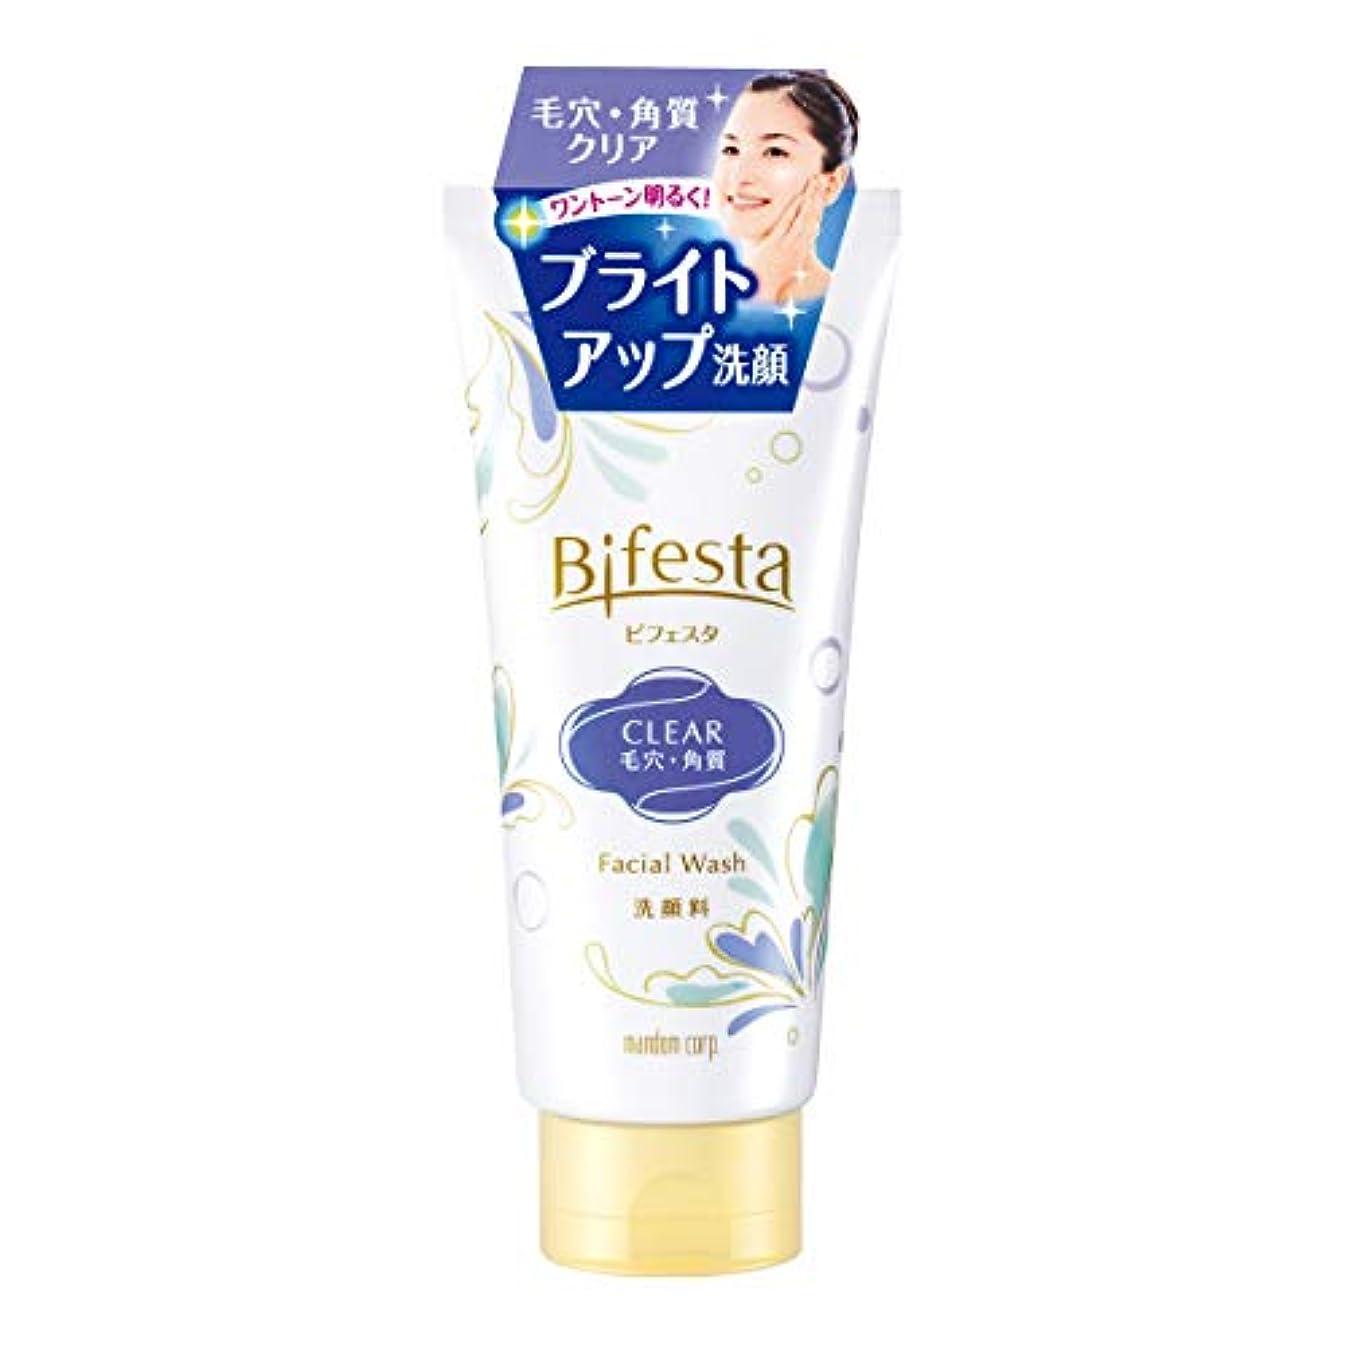 終わりラウンジ部門ビフェスタ(Bifesta)洗顔 クリア 120g 毛穴?角質クリアタイプの洗顔料